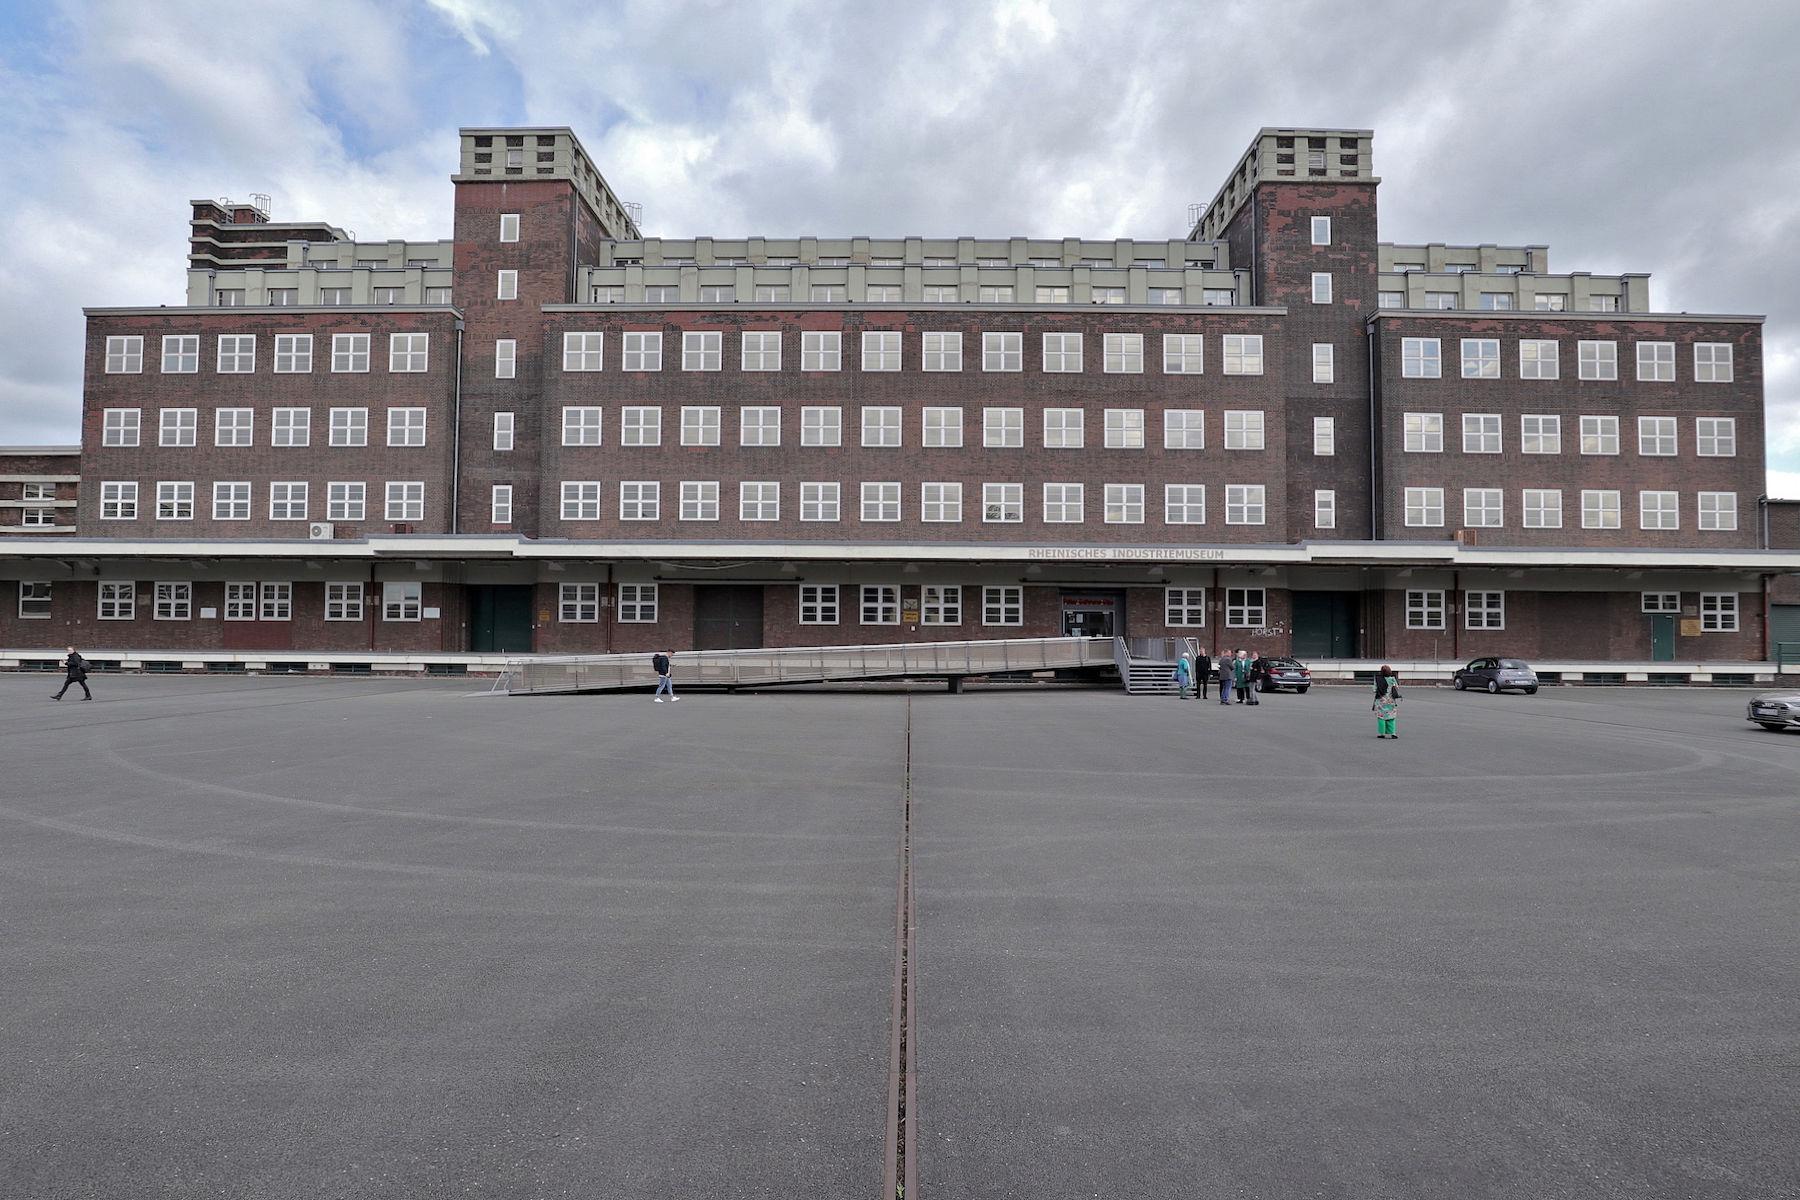 LVR Industriemuseum Peter-Behrens-Bau. Ehemalige Hauptlagerhaus des Gutehoffnungshütte-Konzerns GHH. Fertigstellung: 1925.